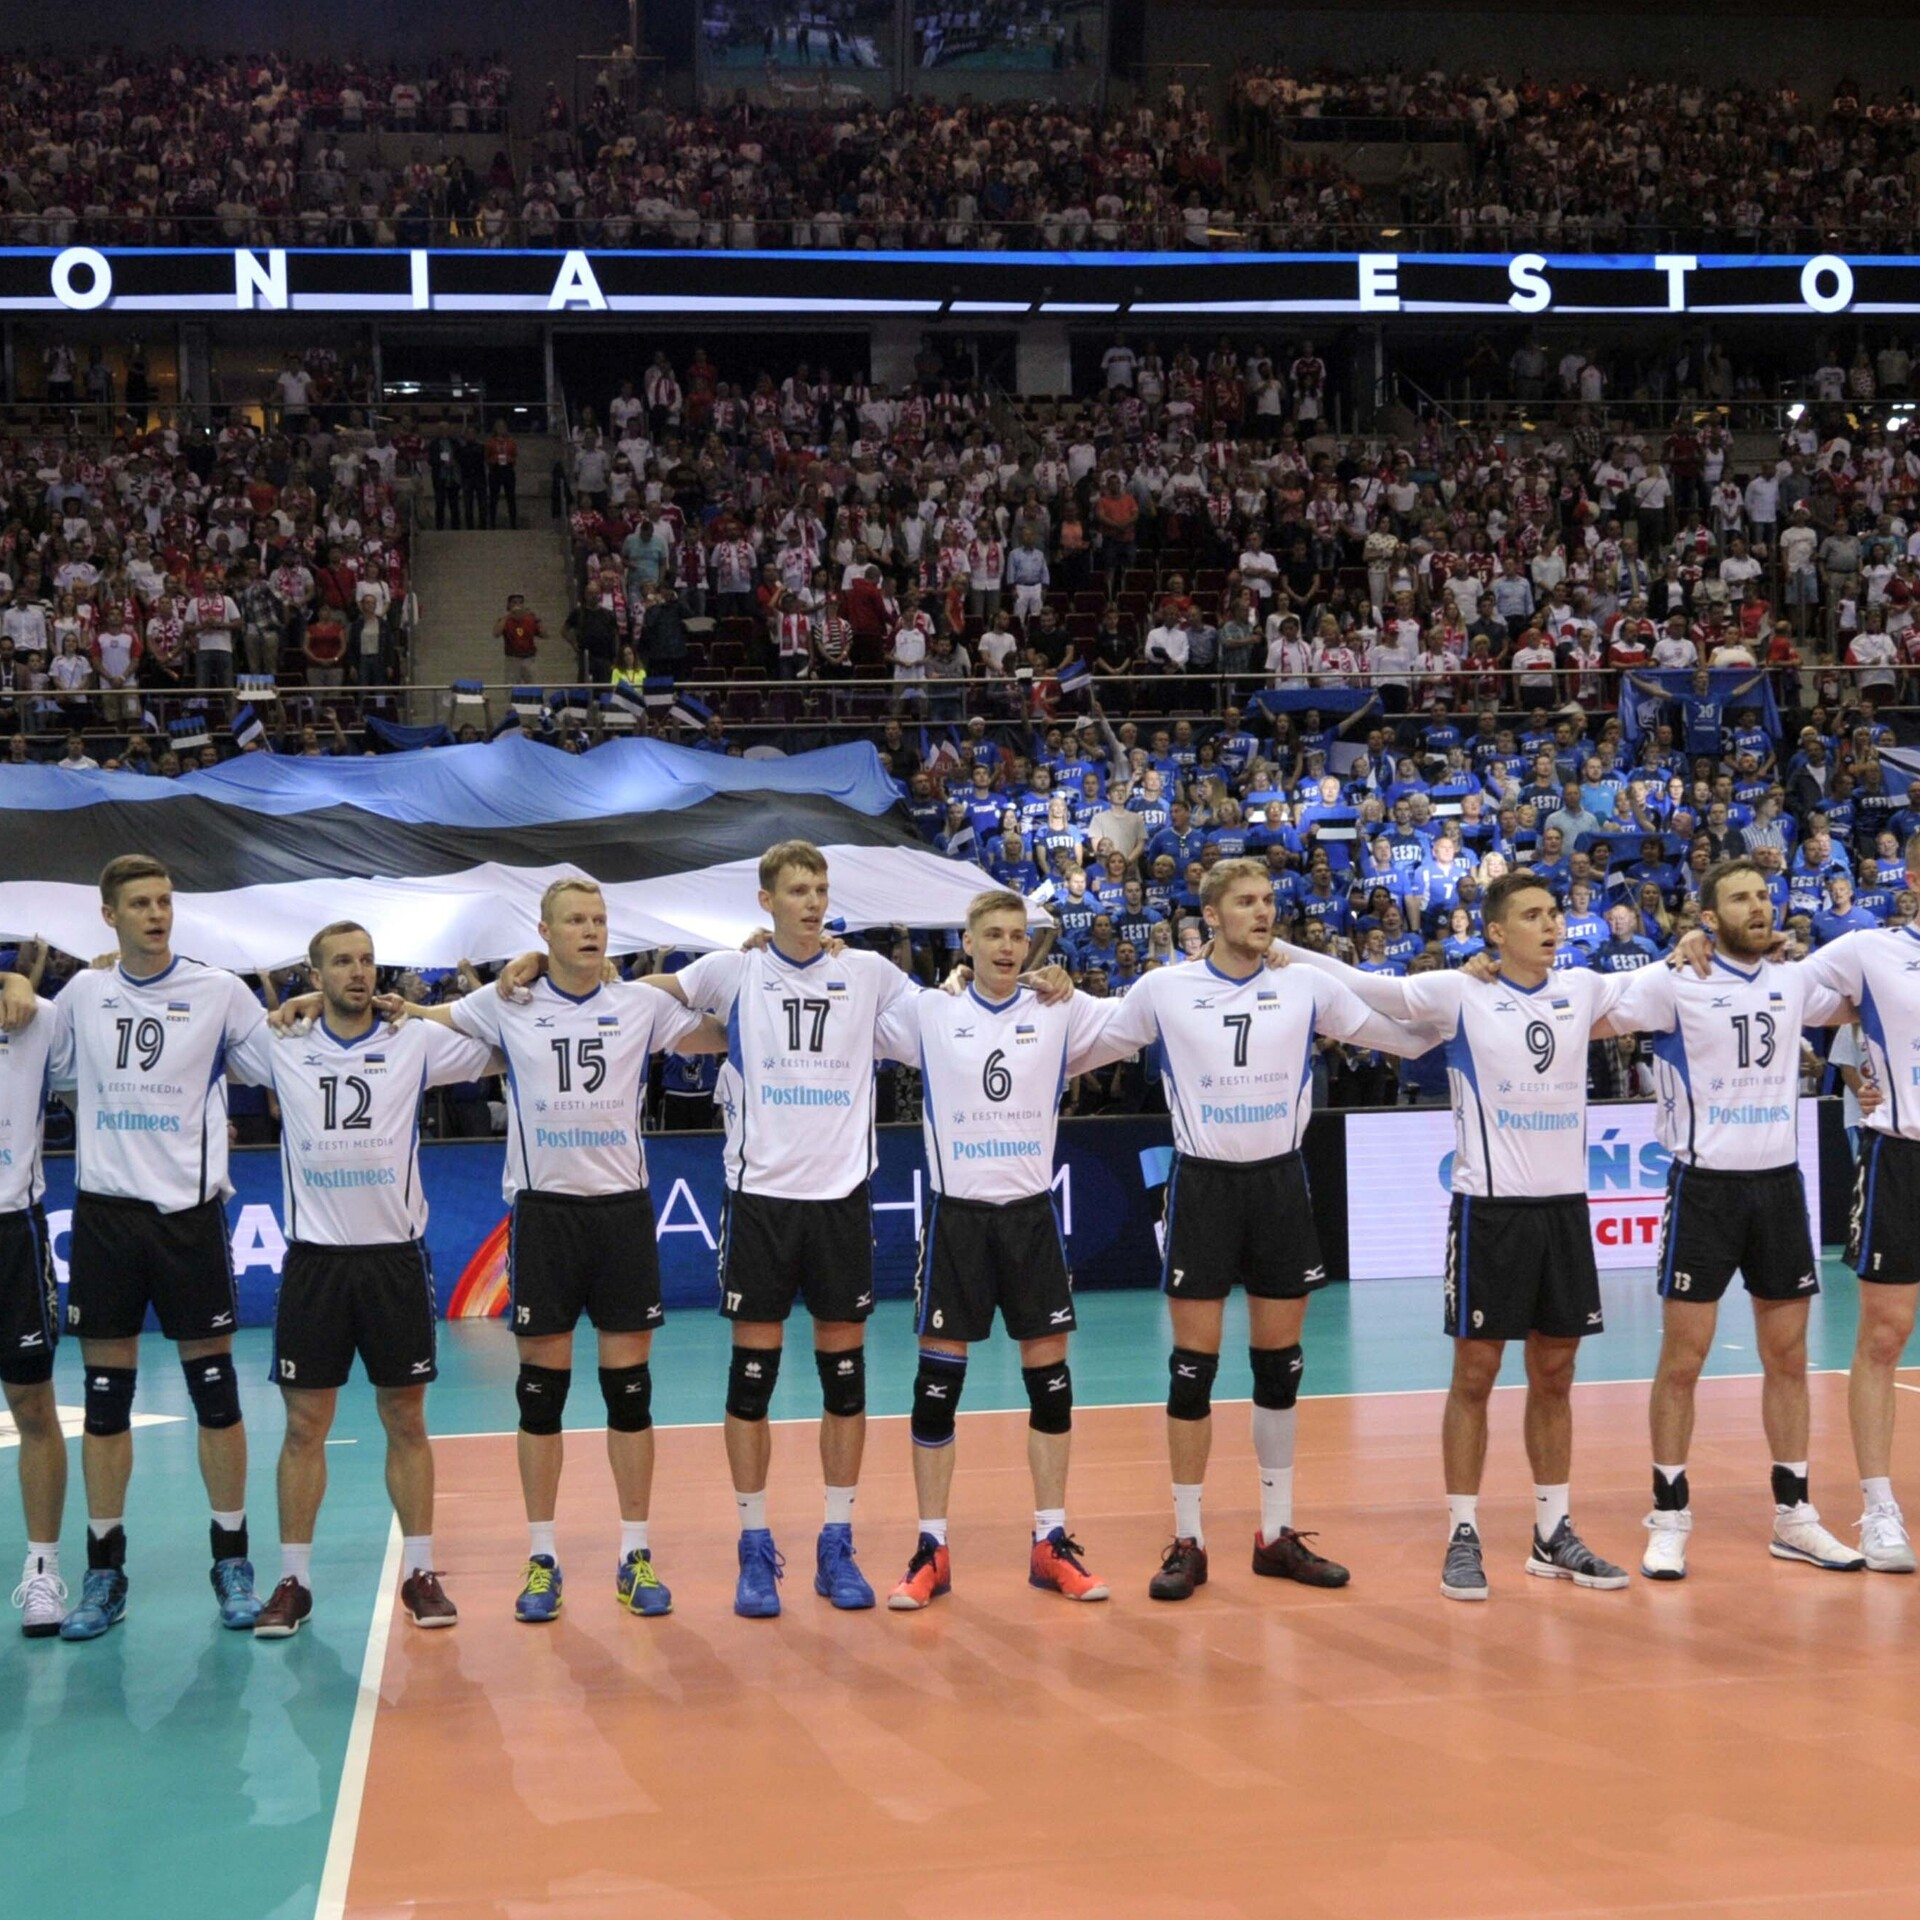 c52f37e52a6 Eesti võrkpallikoondis loositi EM-valiksarjas kokku Avo Keele juhendatava  Lätiga | Võrkpalli Eesti koondis | ERR